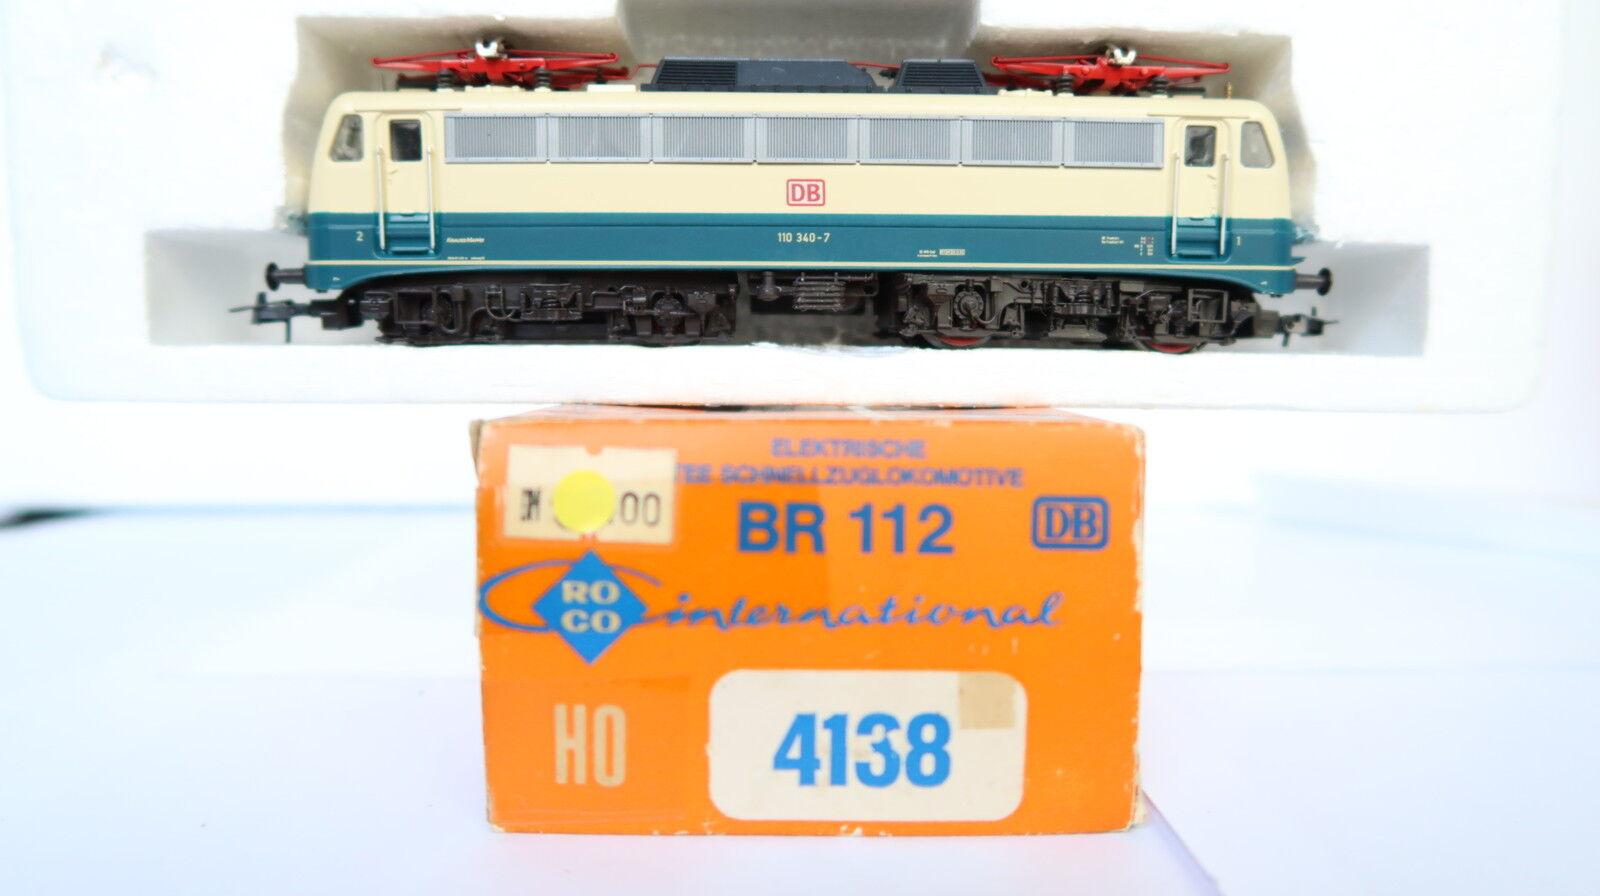 ROCO HO/DC 4138 E-Lok BR 110 340-7 DB  cq/185-45r2/9